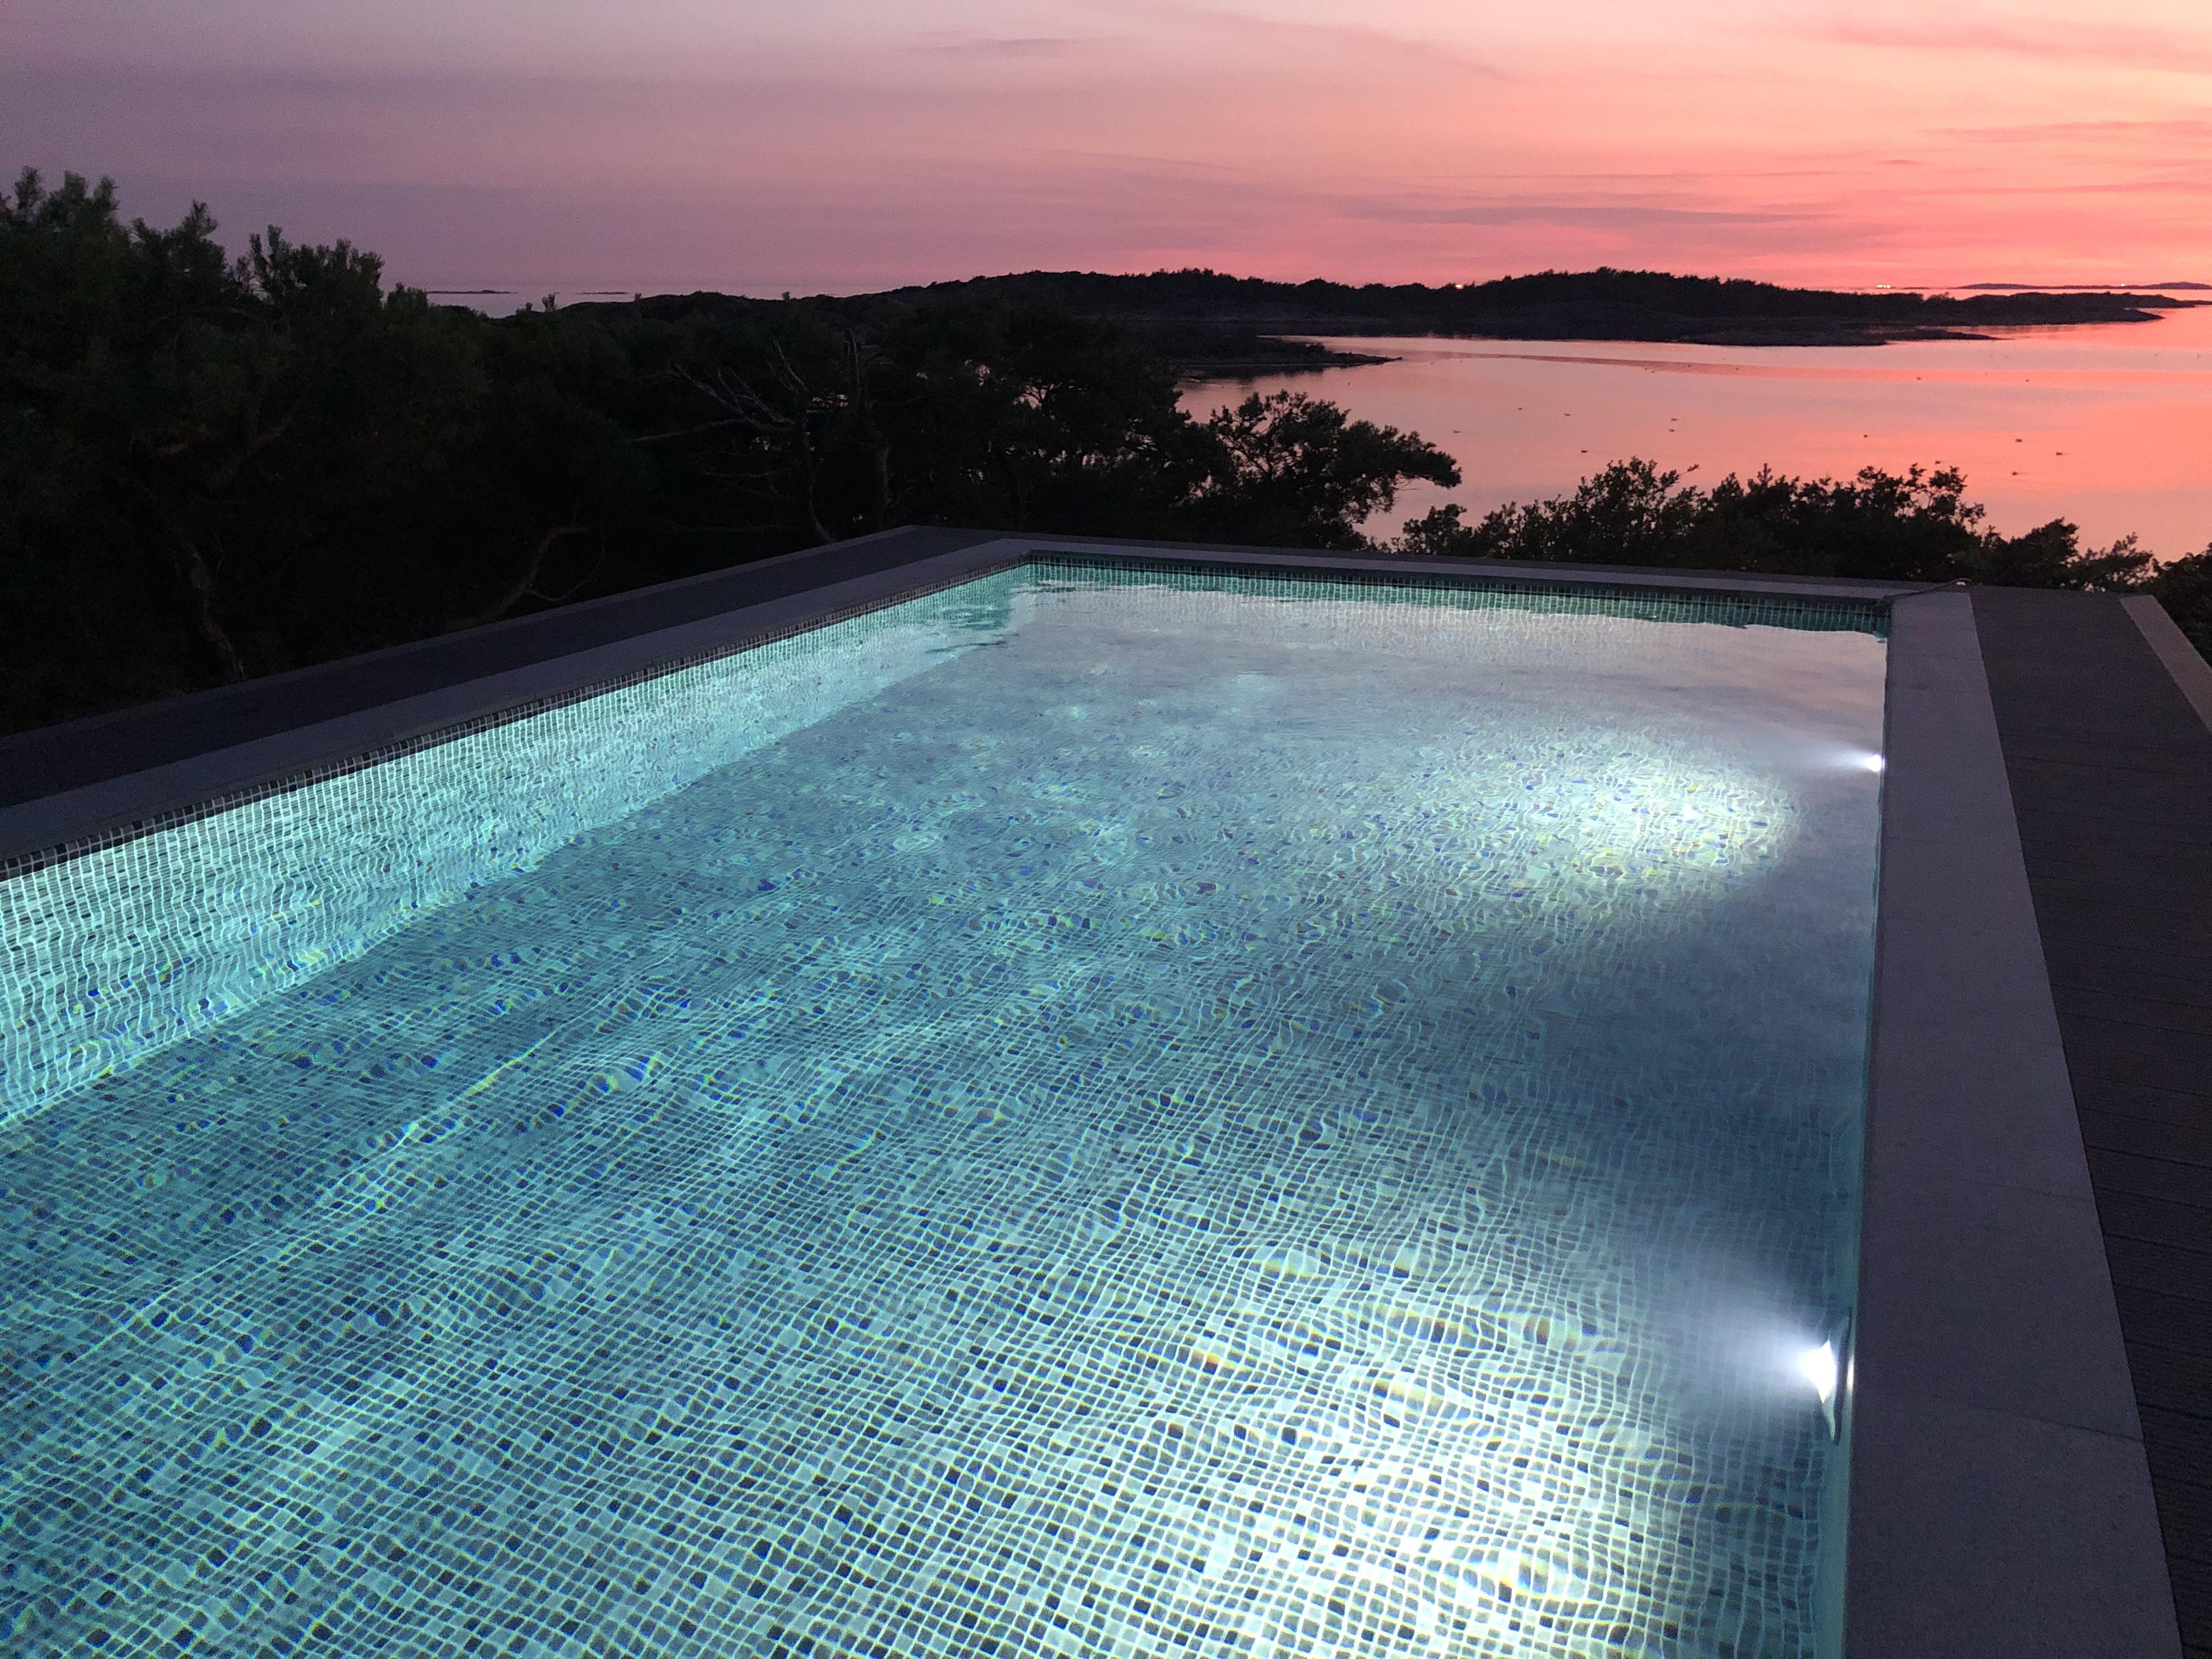 En pool är ju underbart att ha i sin trädgård